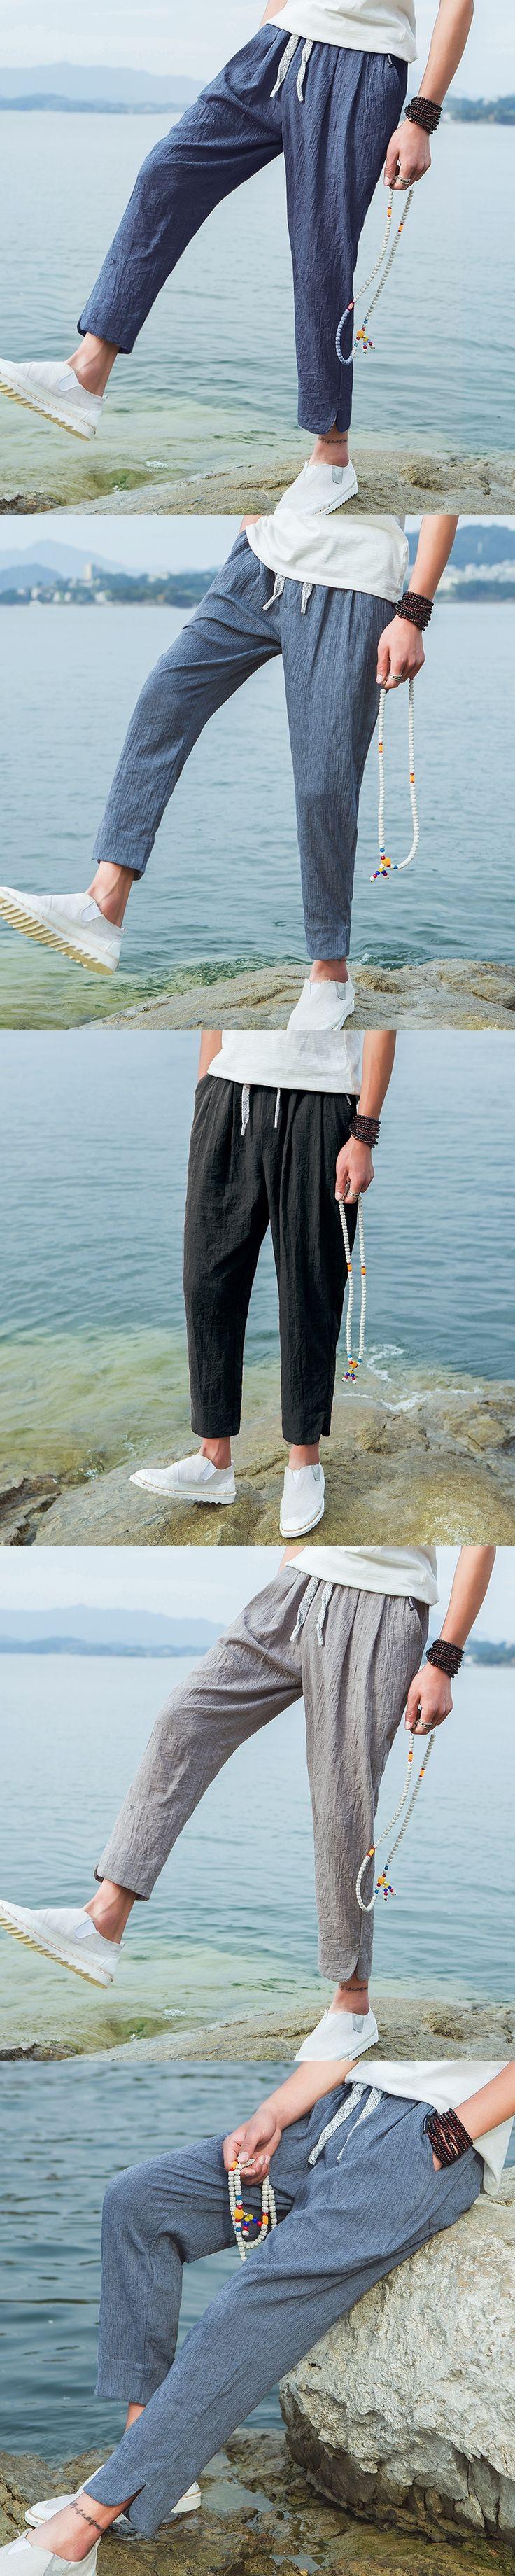 2017 Summer Men's Casual Cargo Pants Elastic Waist Solid Straight Fale Cotton Linen Trousers Leisure Beach Pants Plus Size 5XL